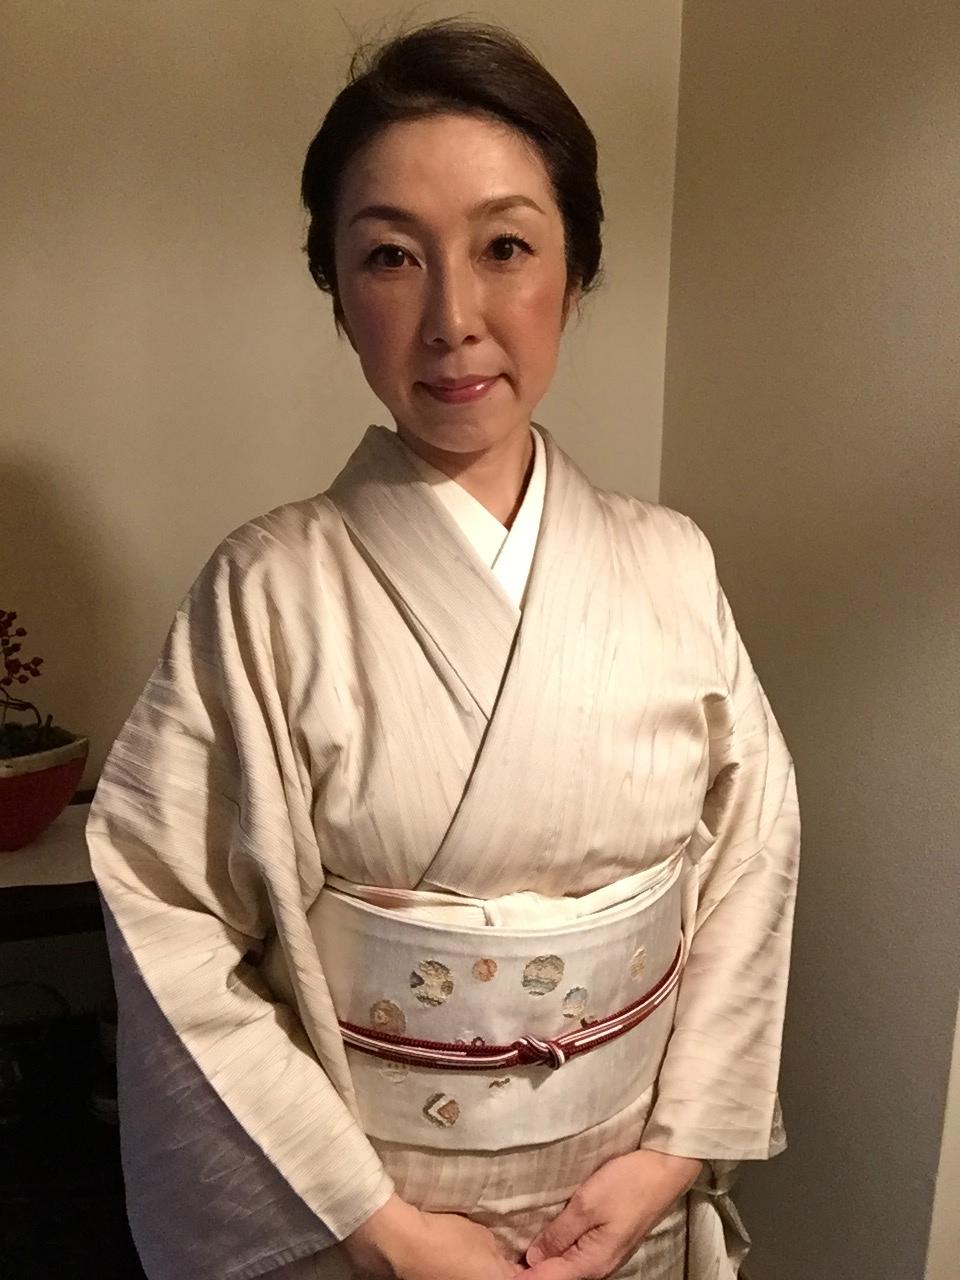 着物コーディネート(お出掛け篇)10月初旬の観劇での着物の装い、まだ暑いので単衣です!